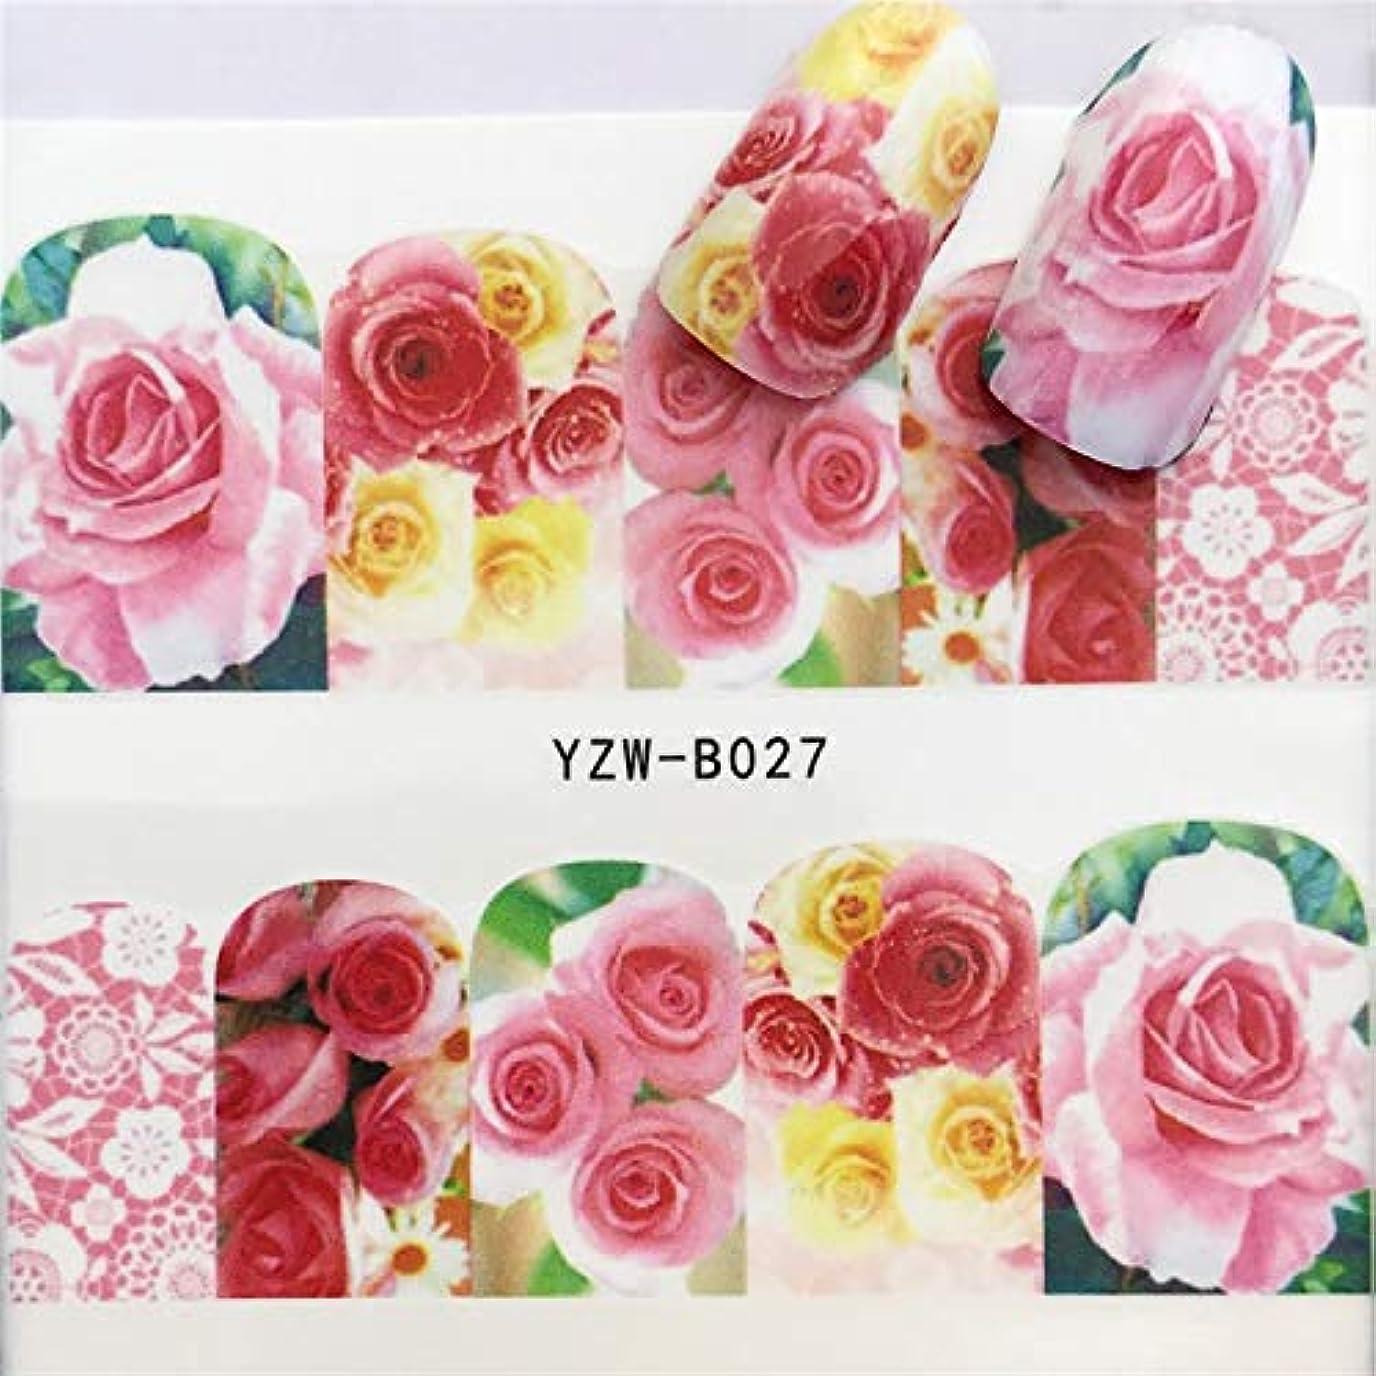 留まるおもてなしひらめきFlysea ネイルステッカー3 PCSネイルステッカーセットデカール水スライダーネイルズアート装飾、色転送:YZWB027を